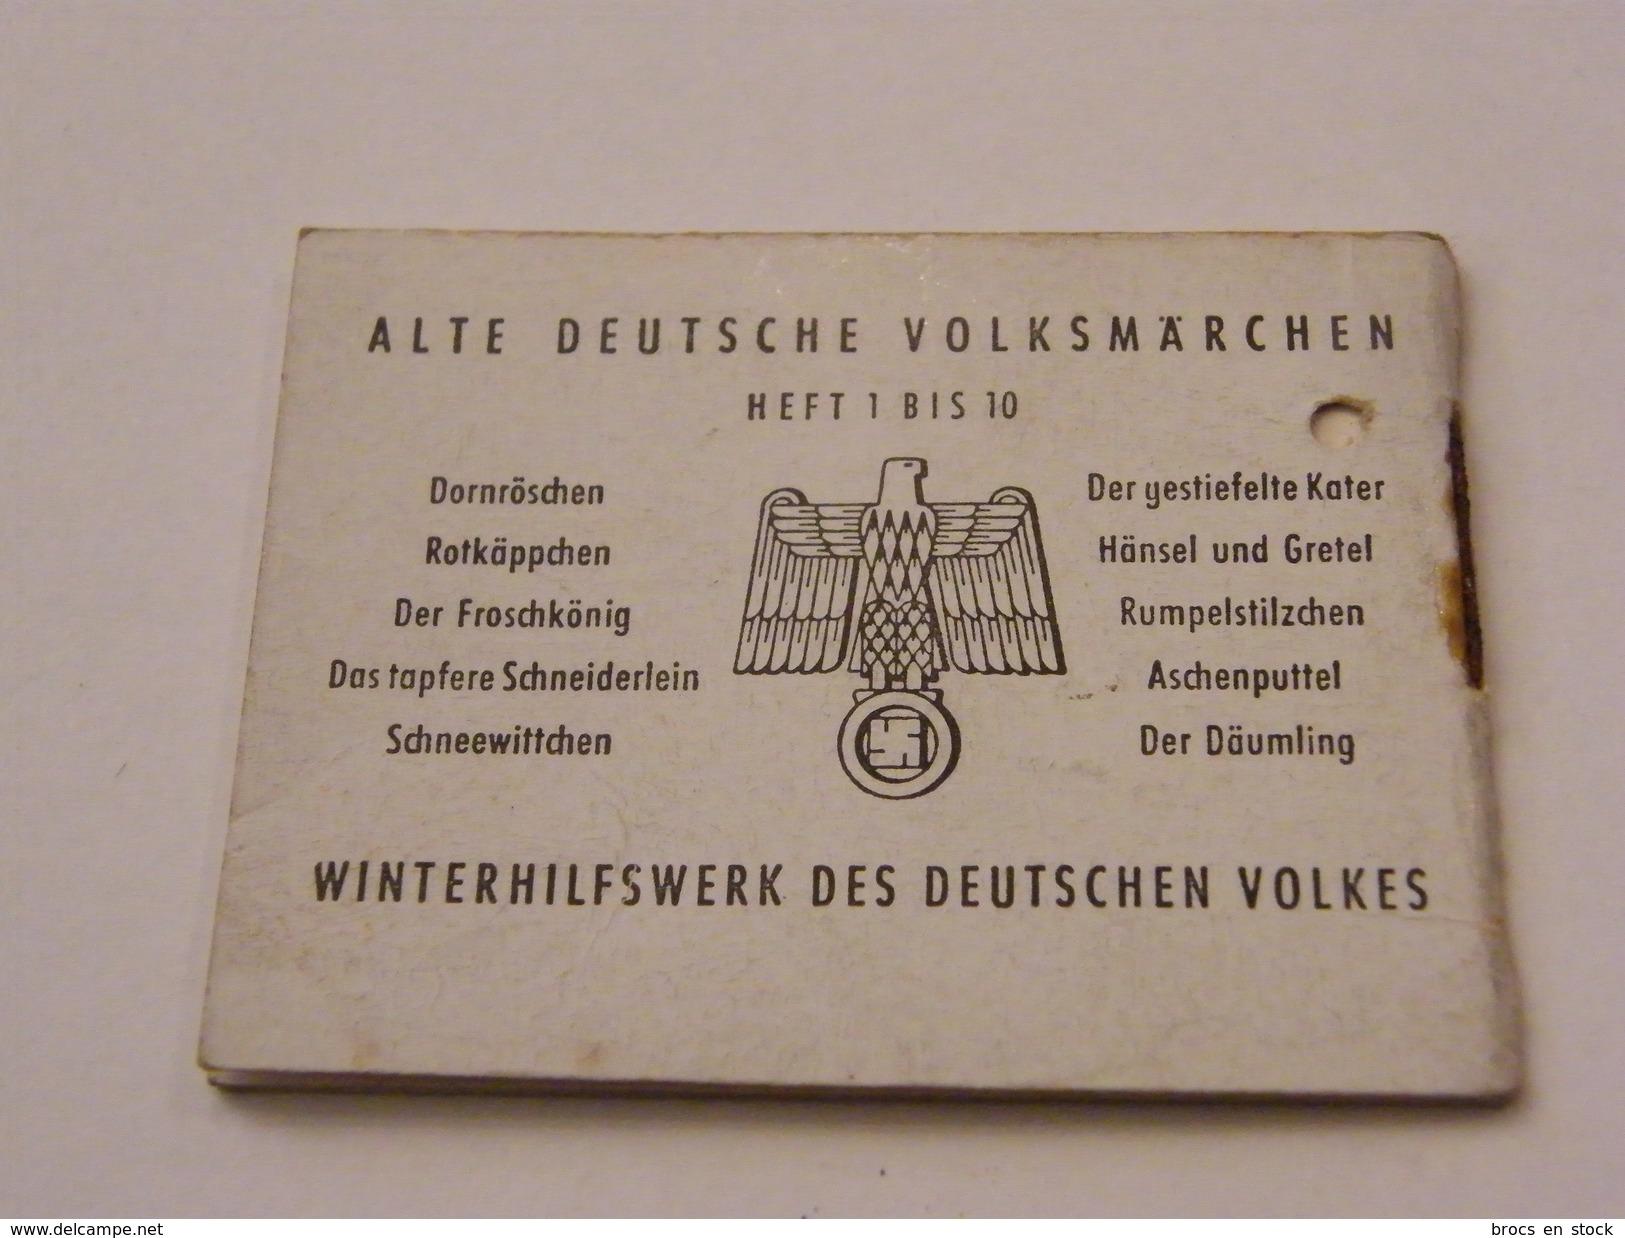 Alte Deutsche Volksmarchen Das Tapfere Schcneiderlein Heft 4 WWII - Alte Bücher